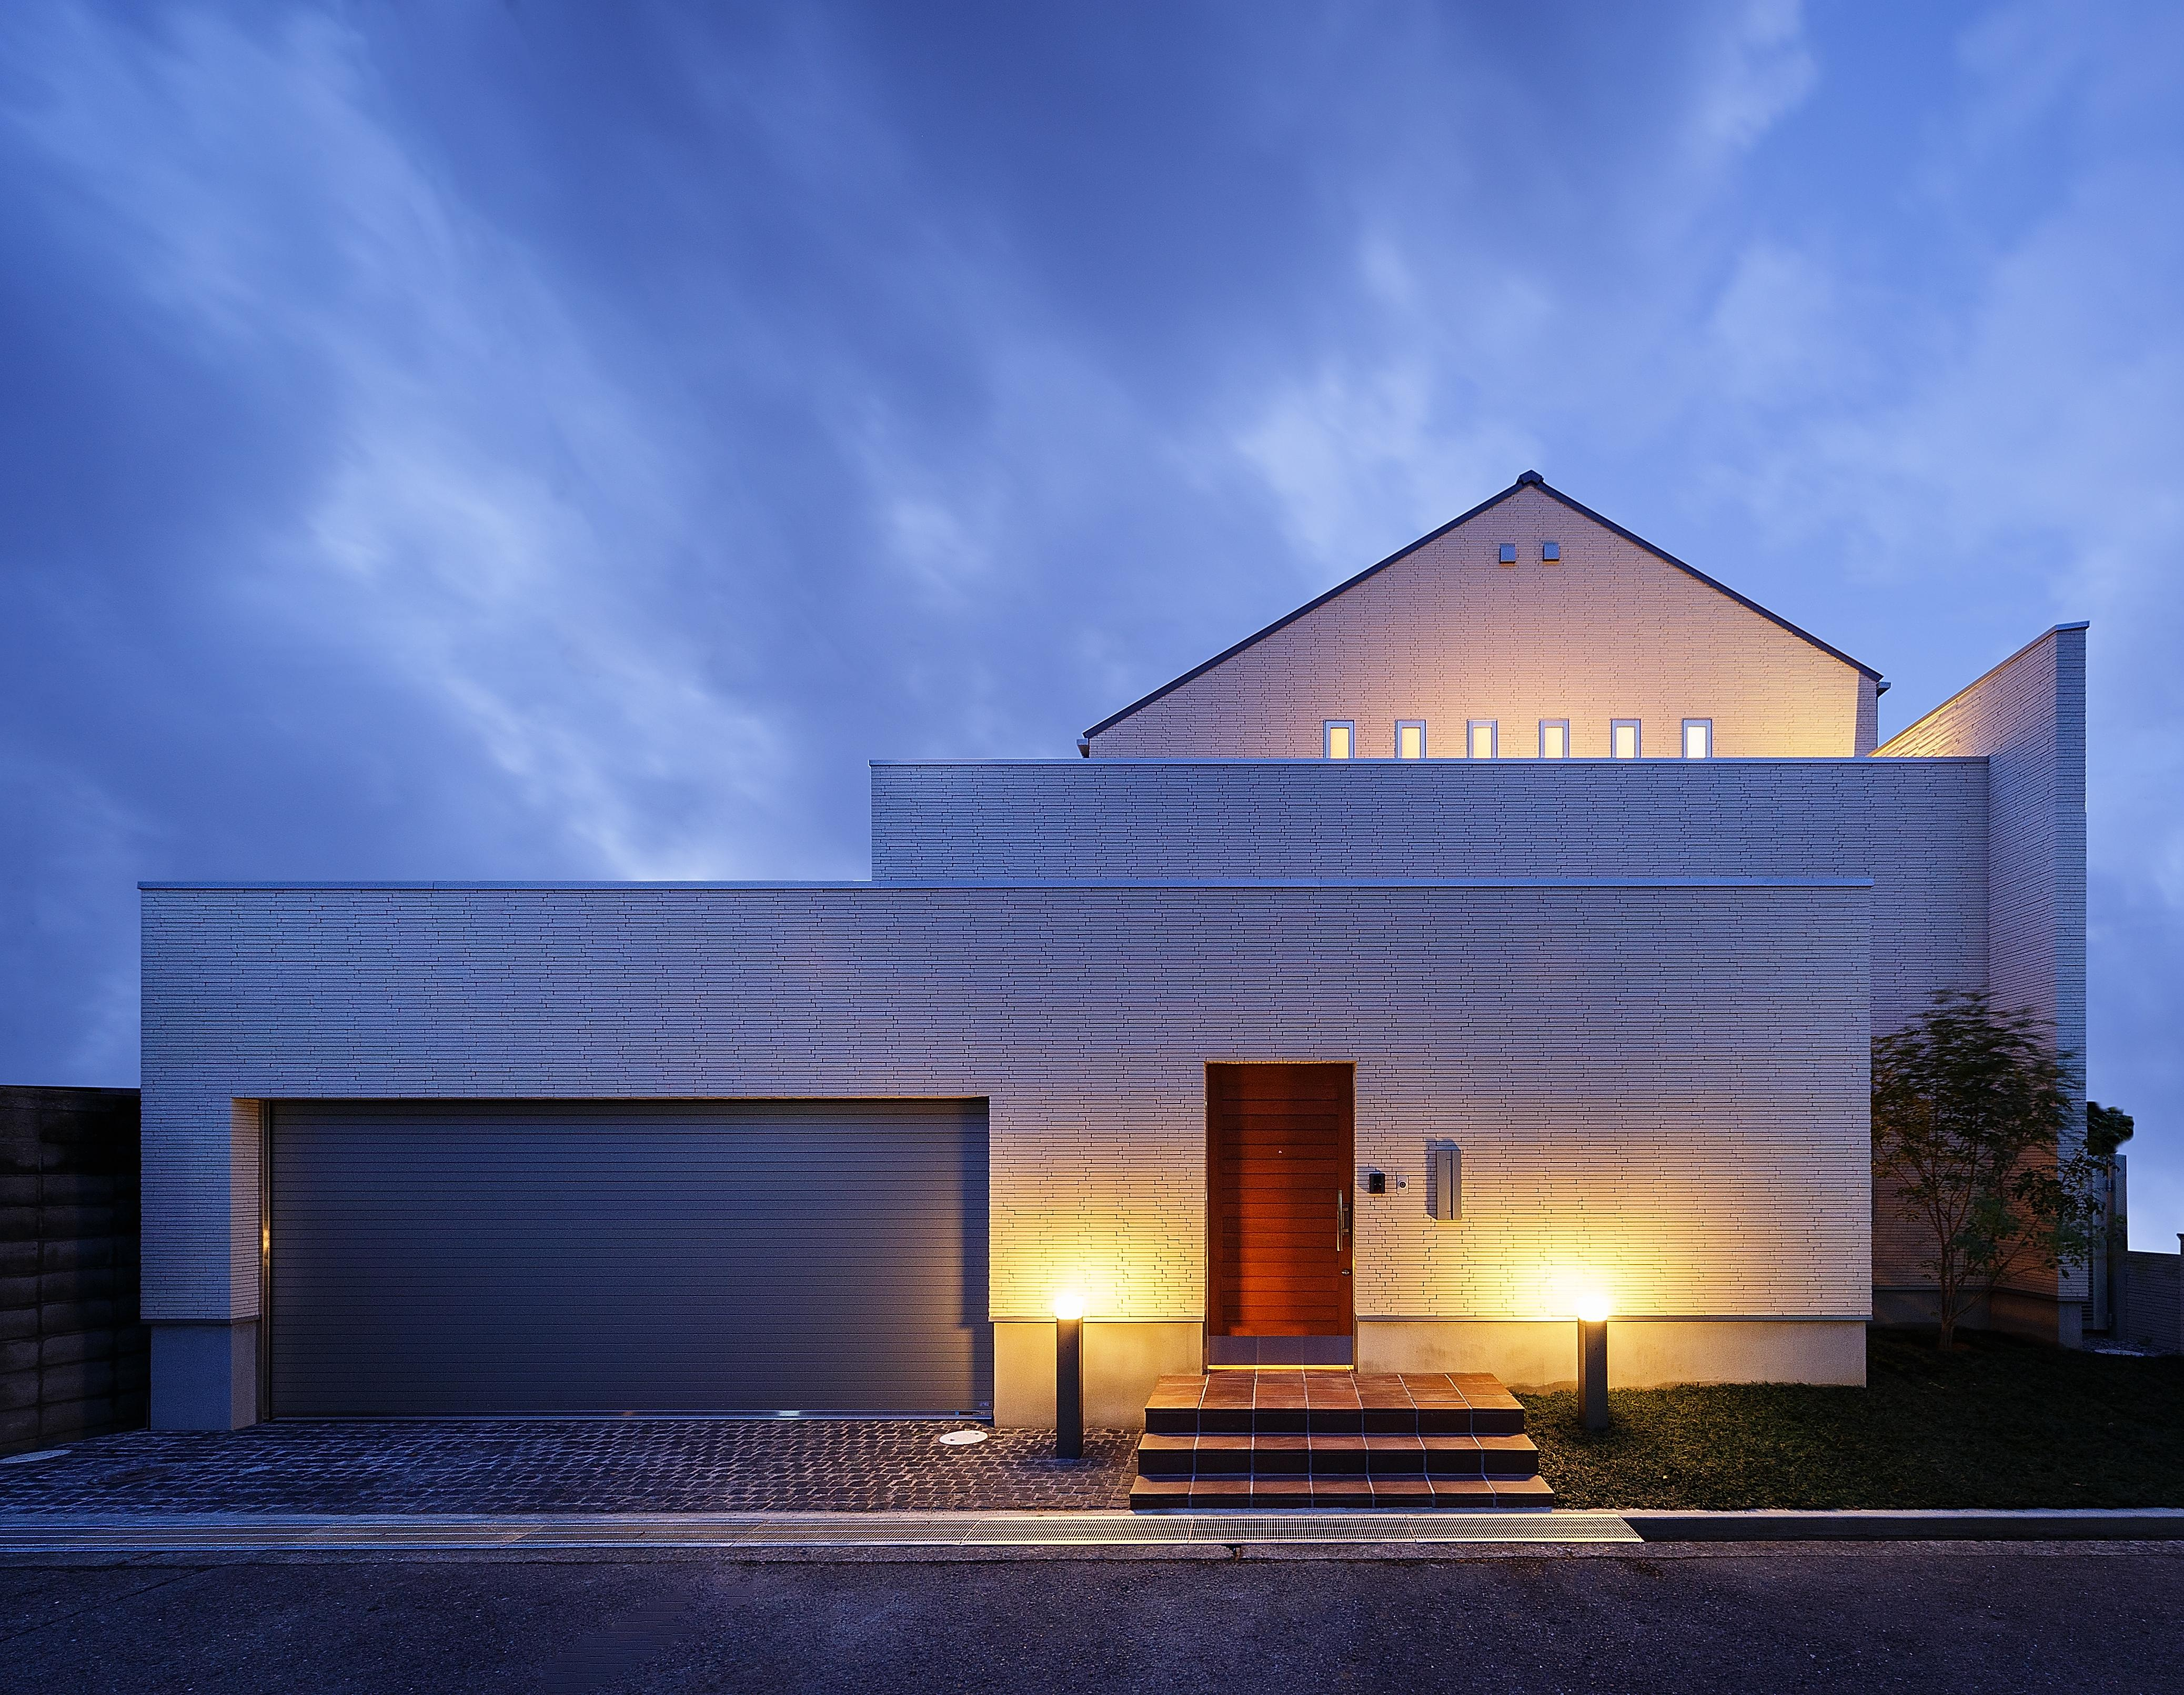 北野彰作建築研究所